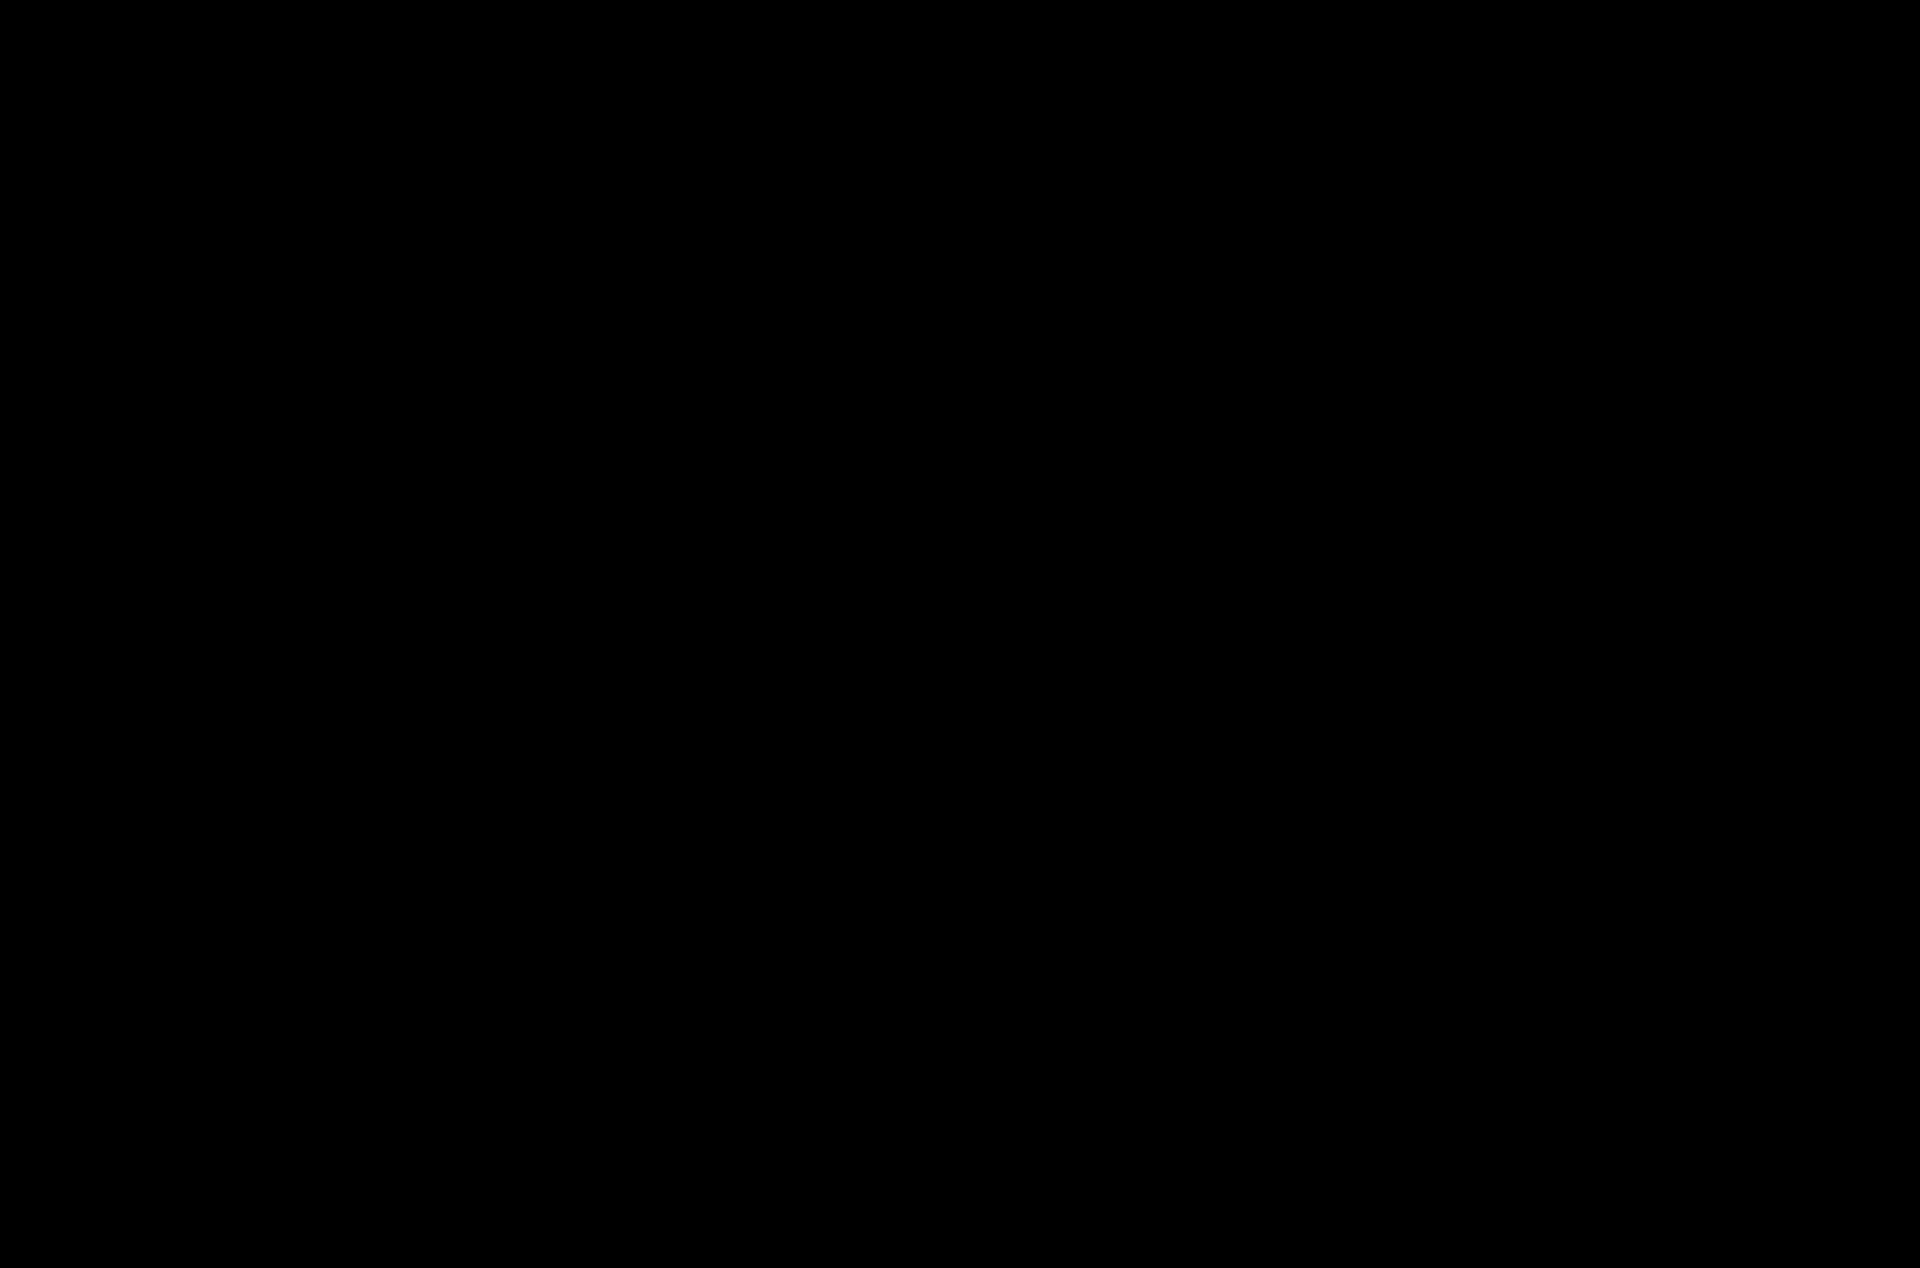 Isabel dos Santos en una entrevista de enero 2020